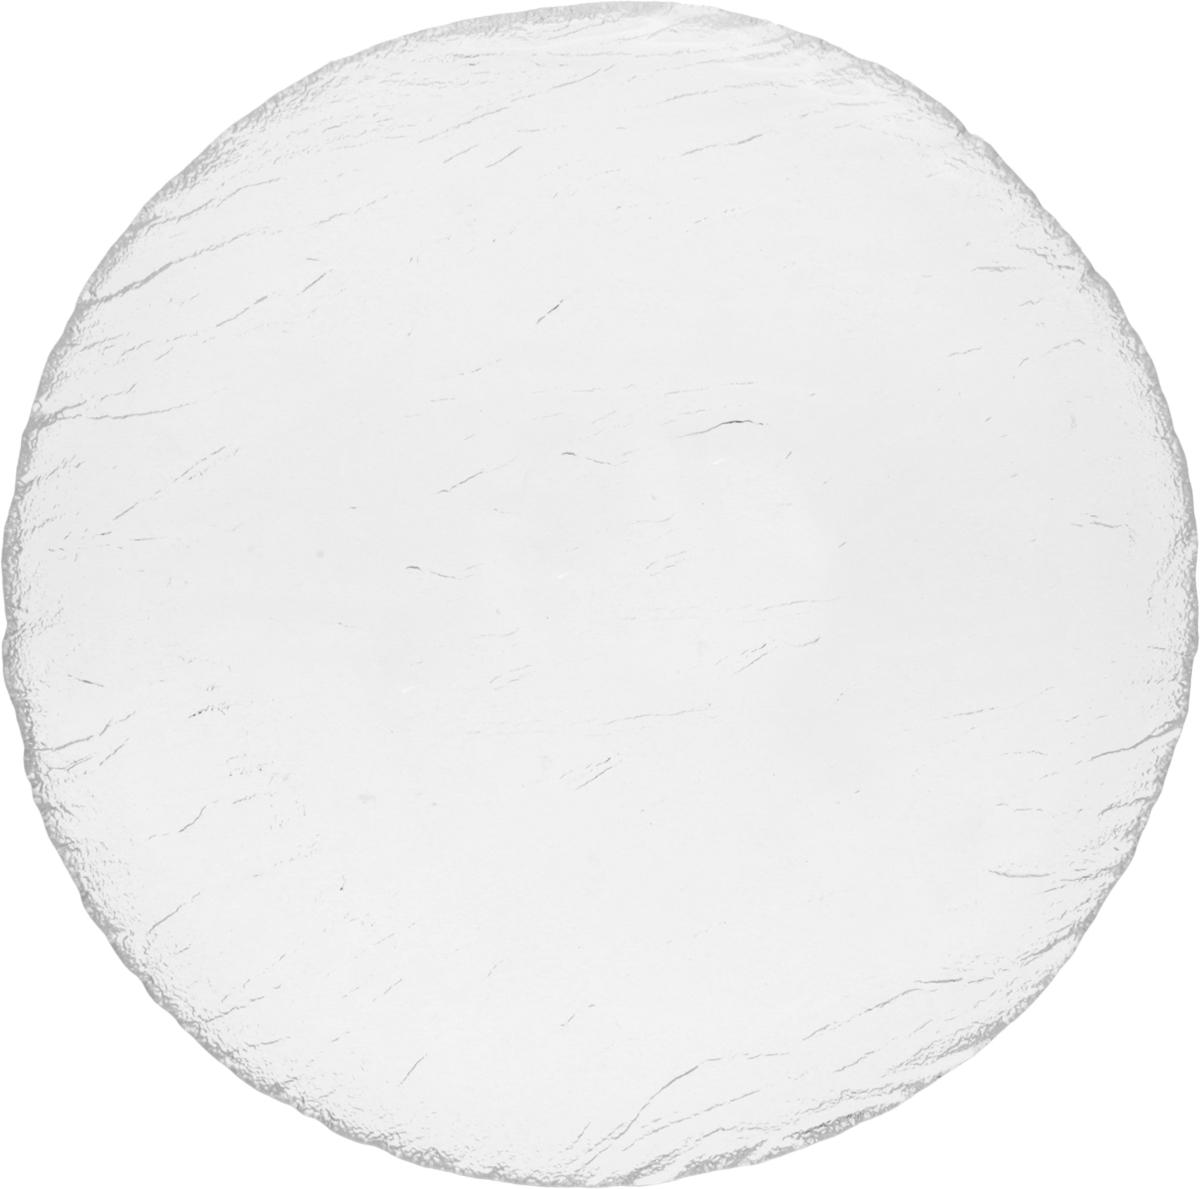 Тарелка десертная OSZ Вулкан, цвет: прозрачный, диаметр 19 см шери уайтфезер вулкан страсти